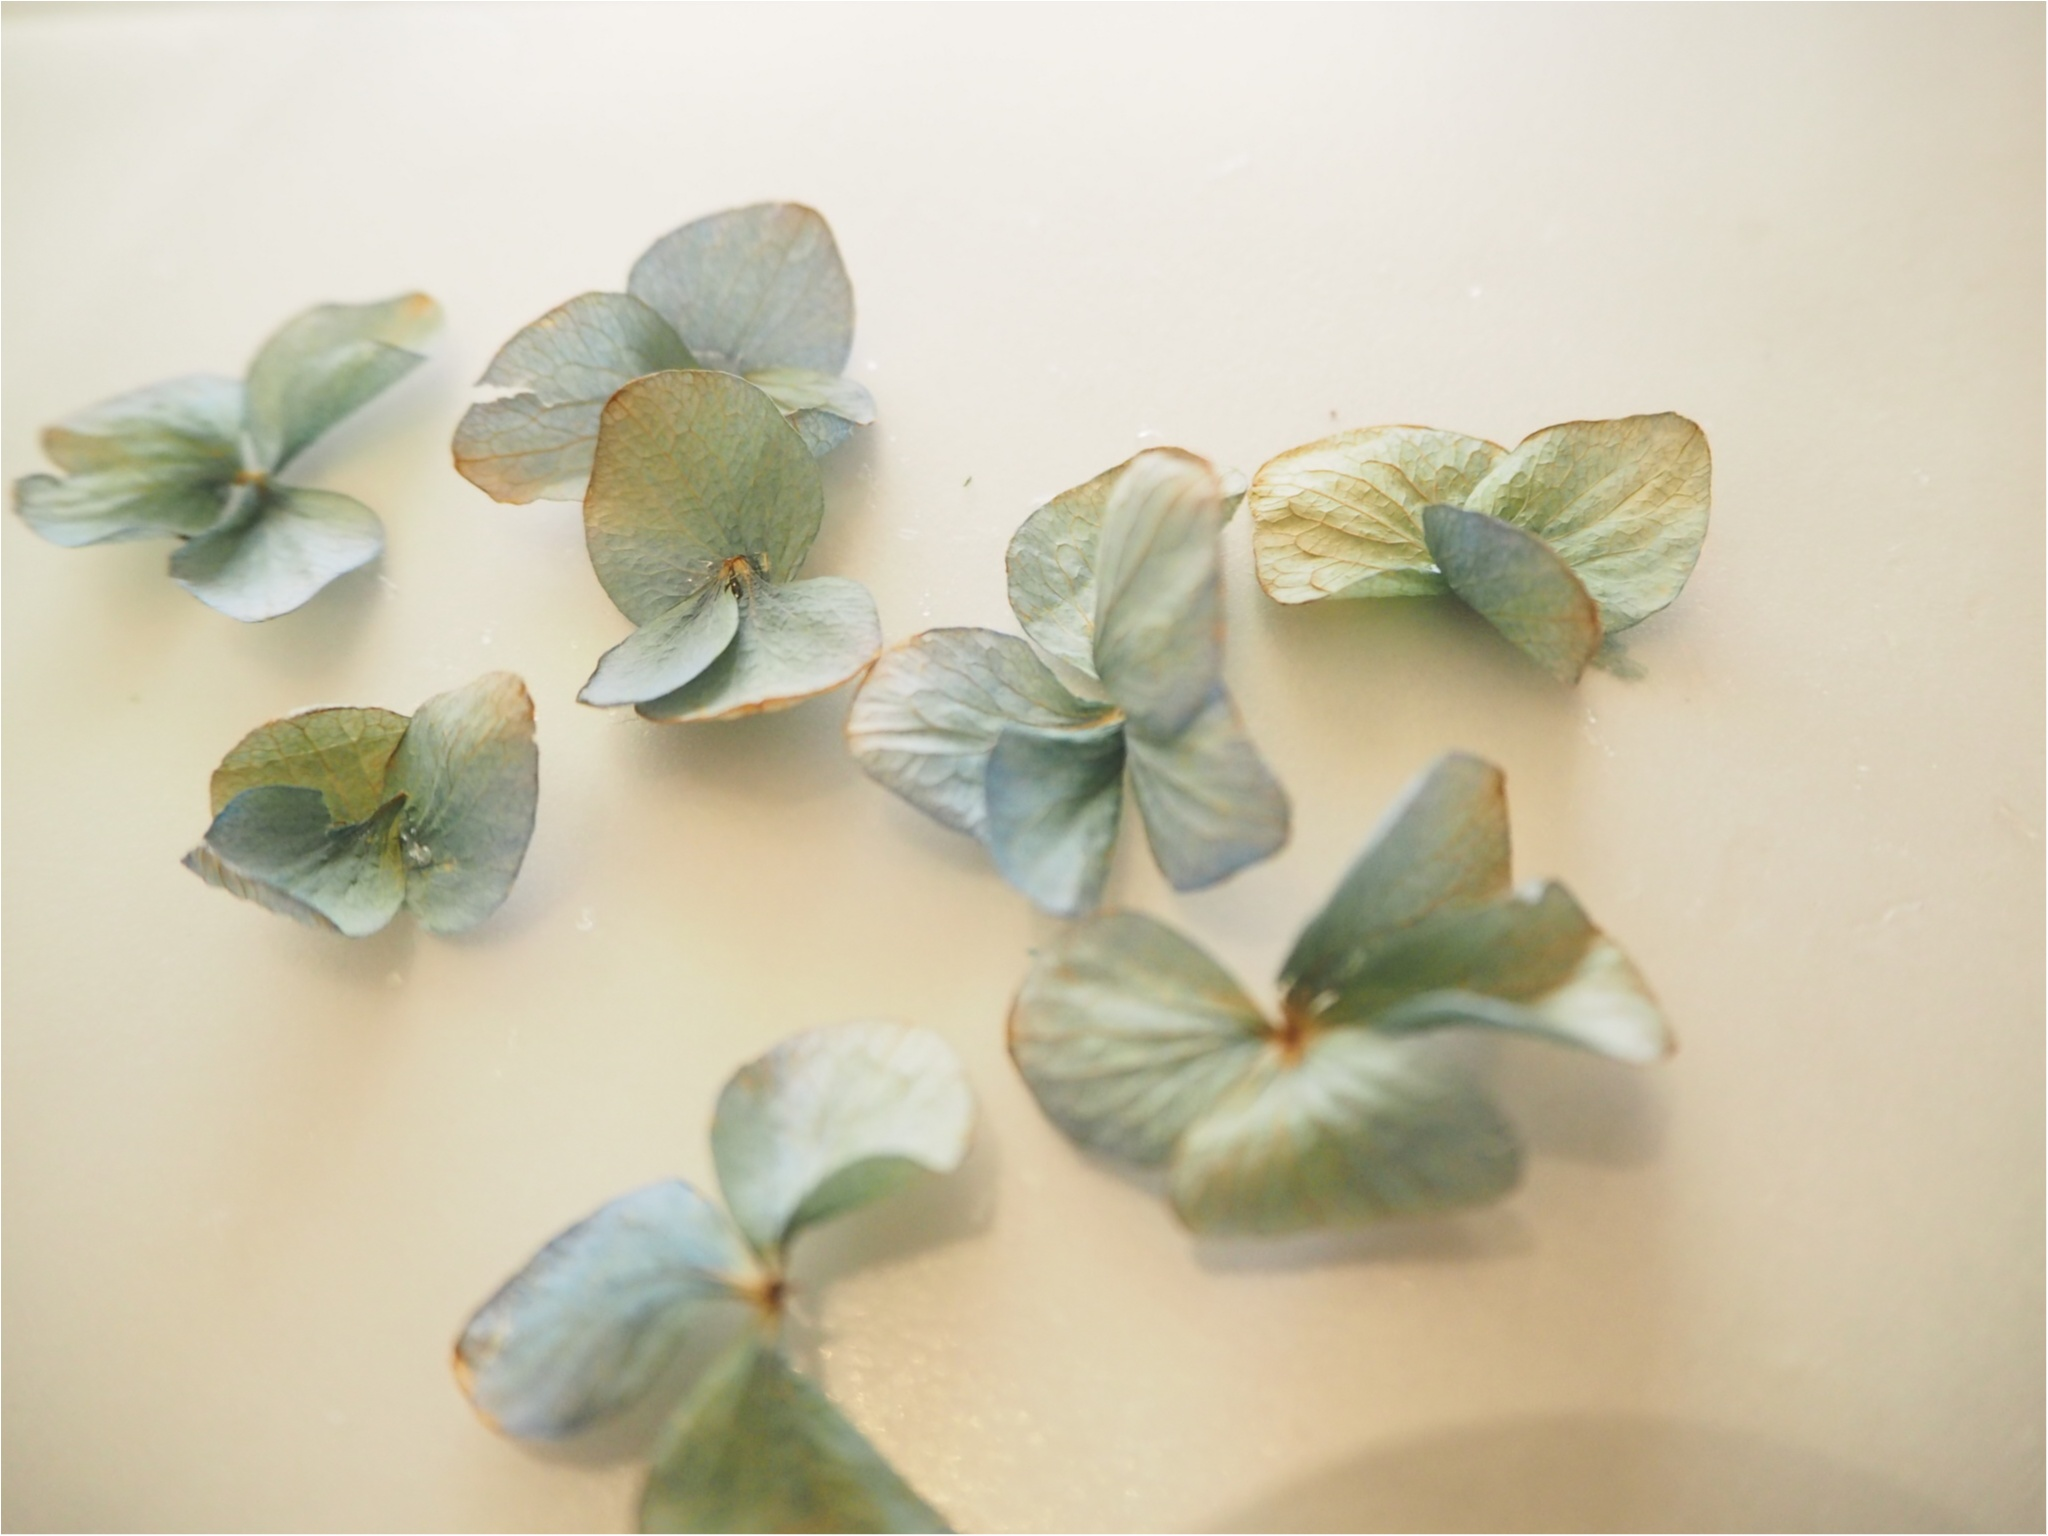 【ハンドメイド部】UVレジンを使って結婚式でいただいたお花を『ドライフラワーアクセサリー』にしてみました。_1